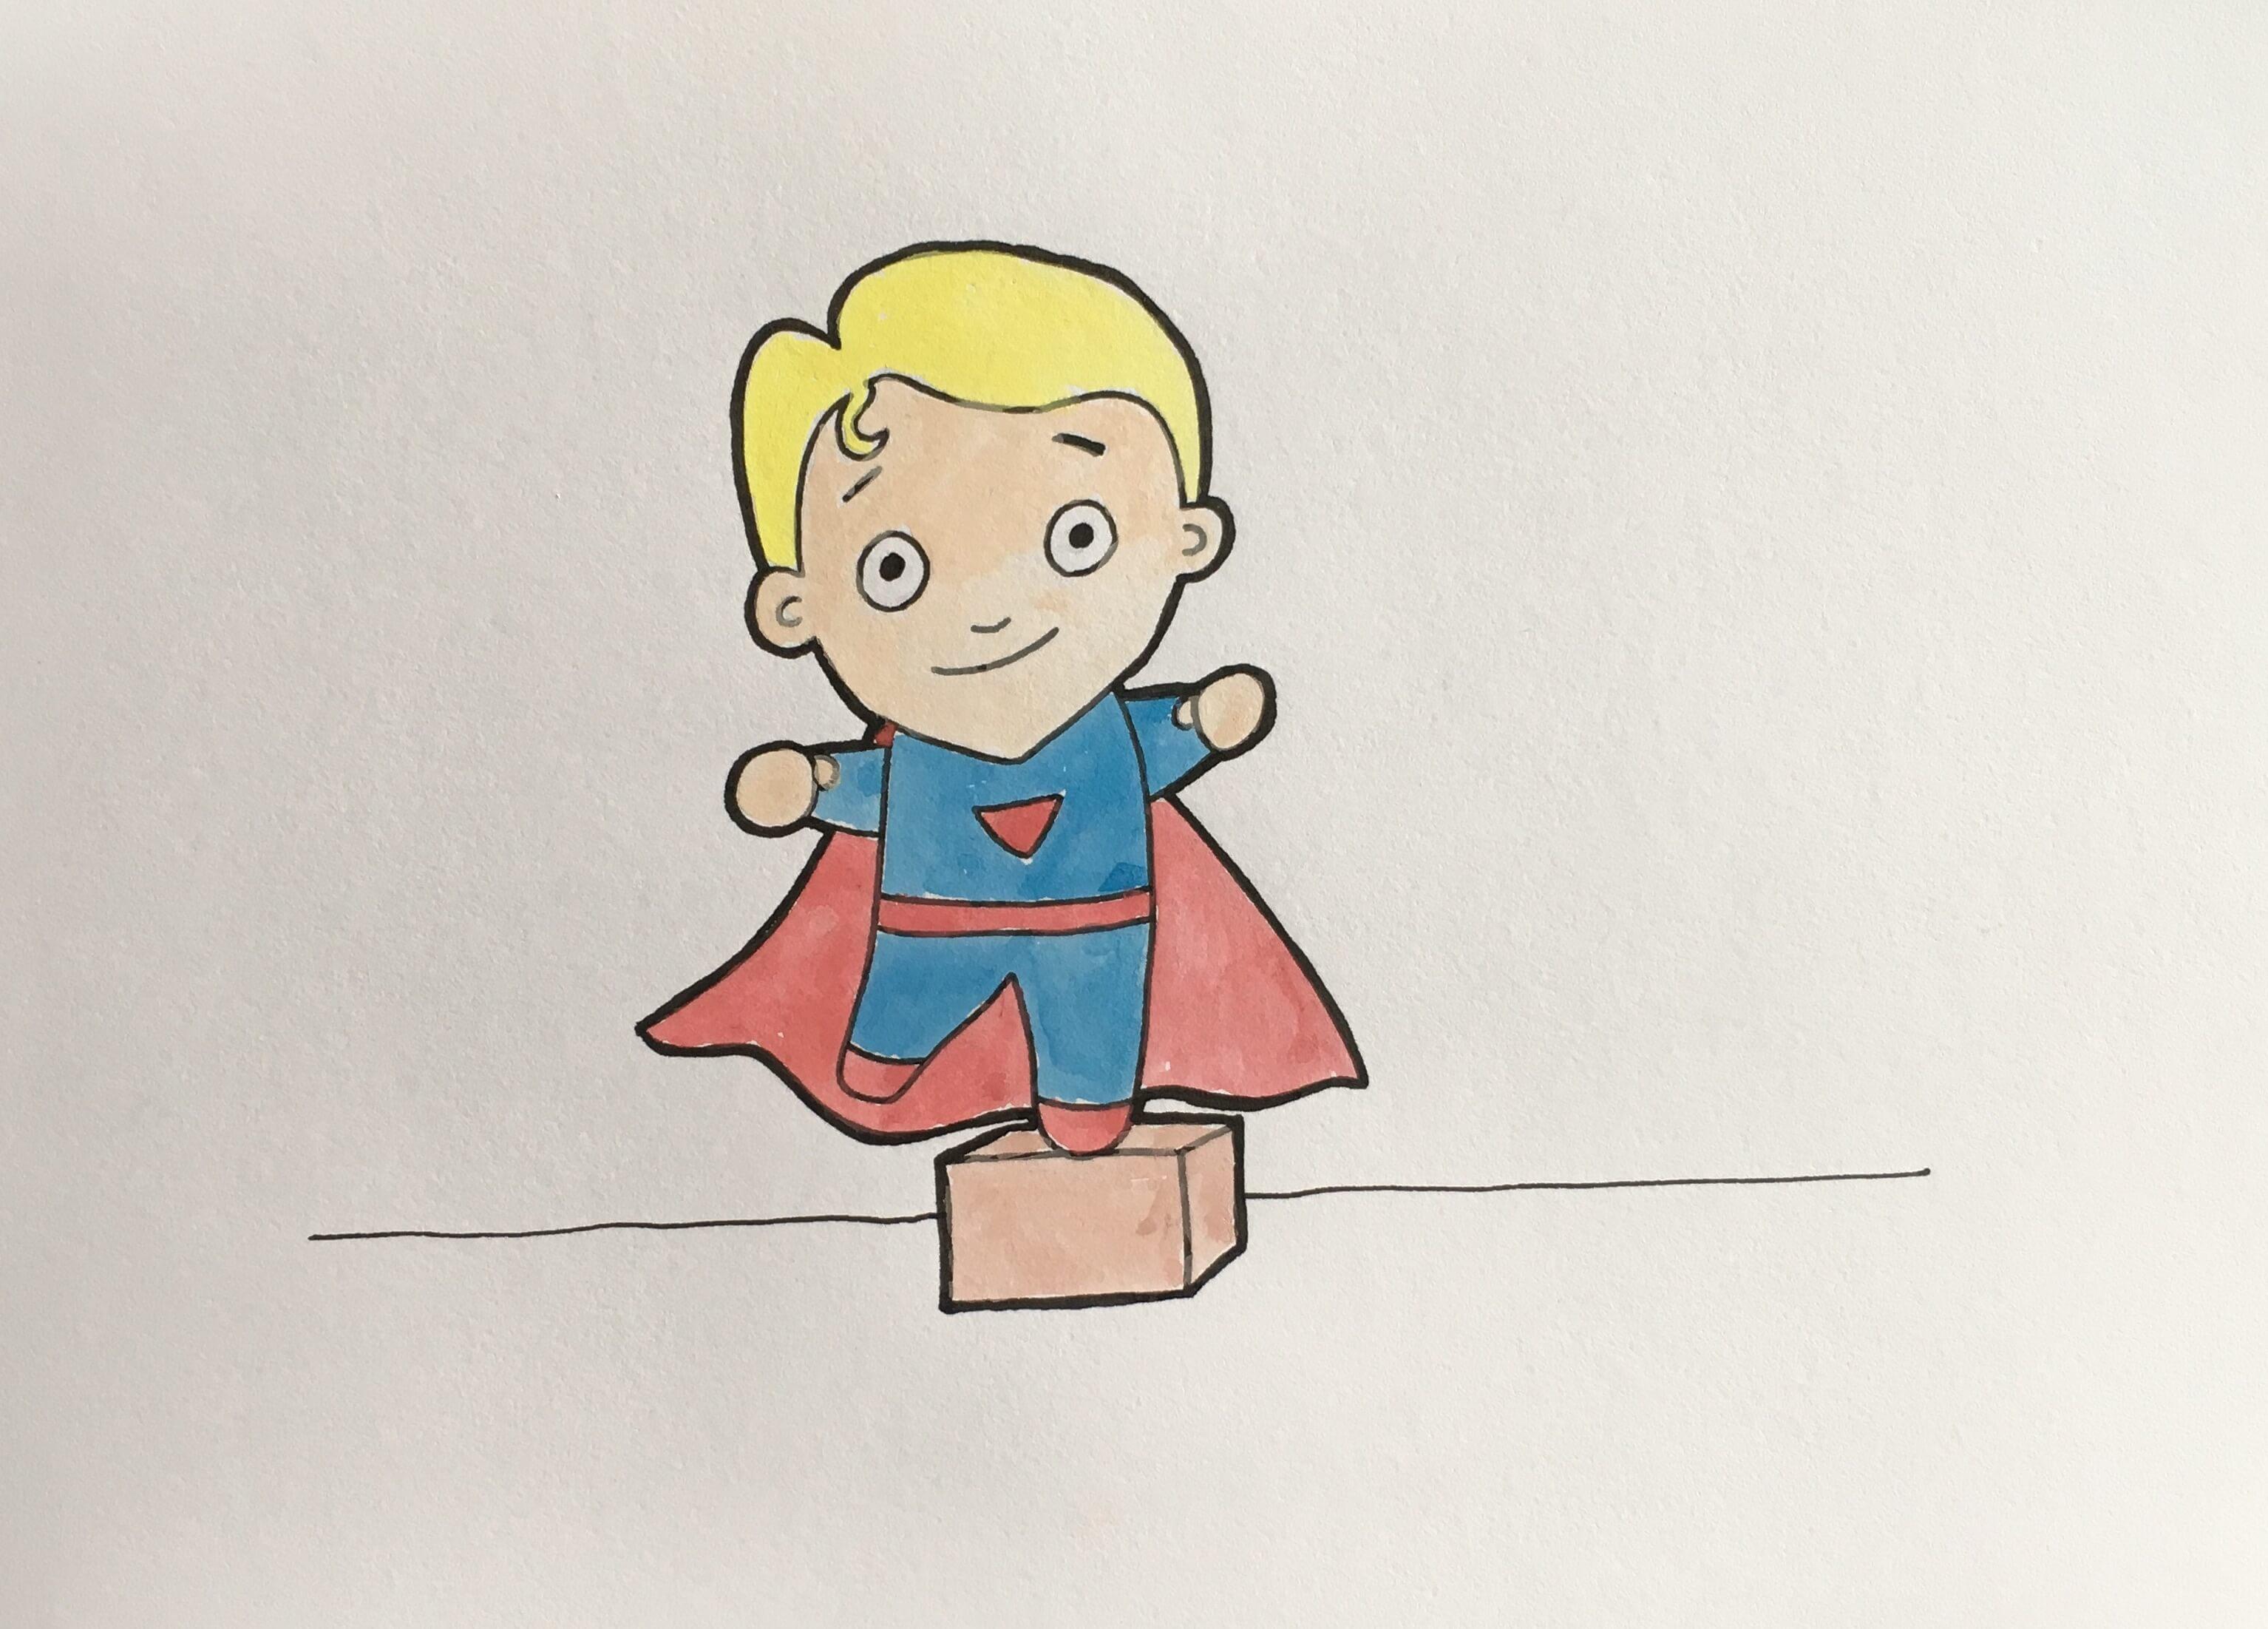 Lær at tegne en superhelt